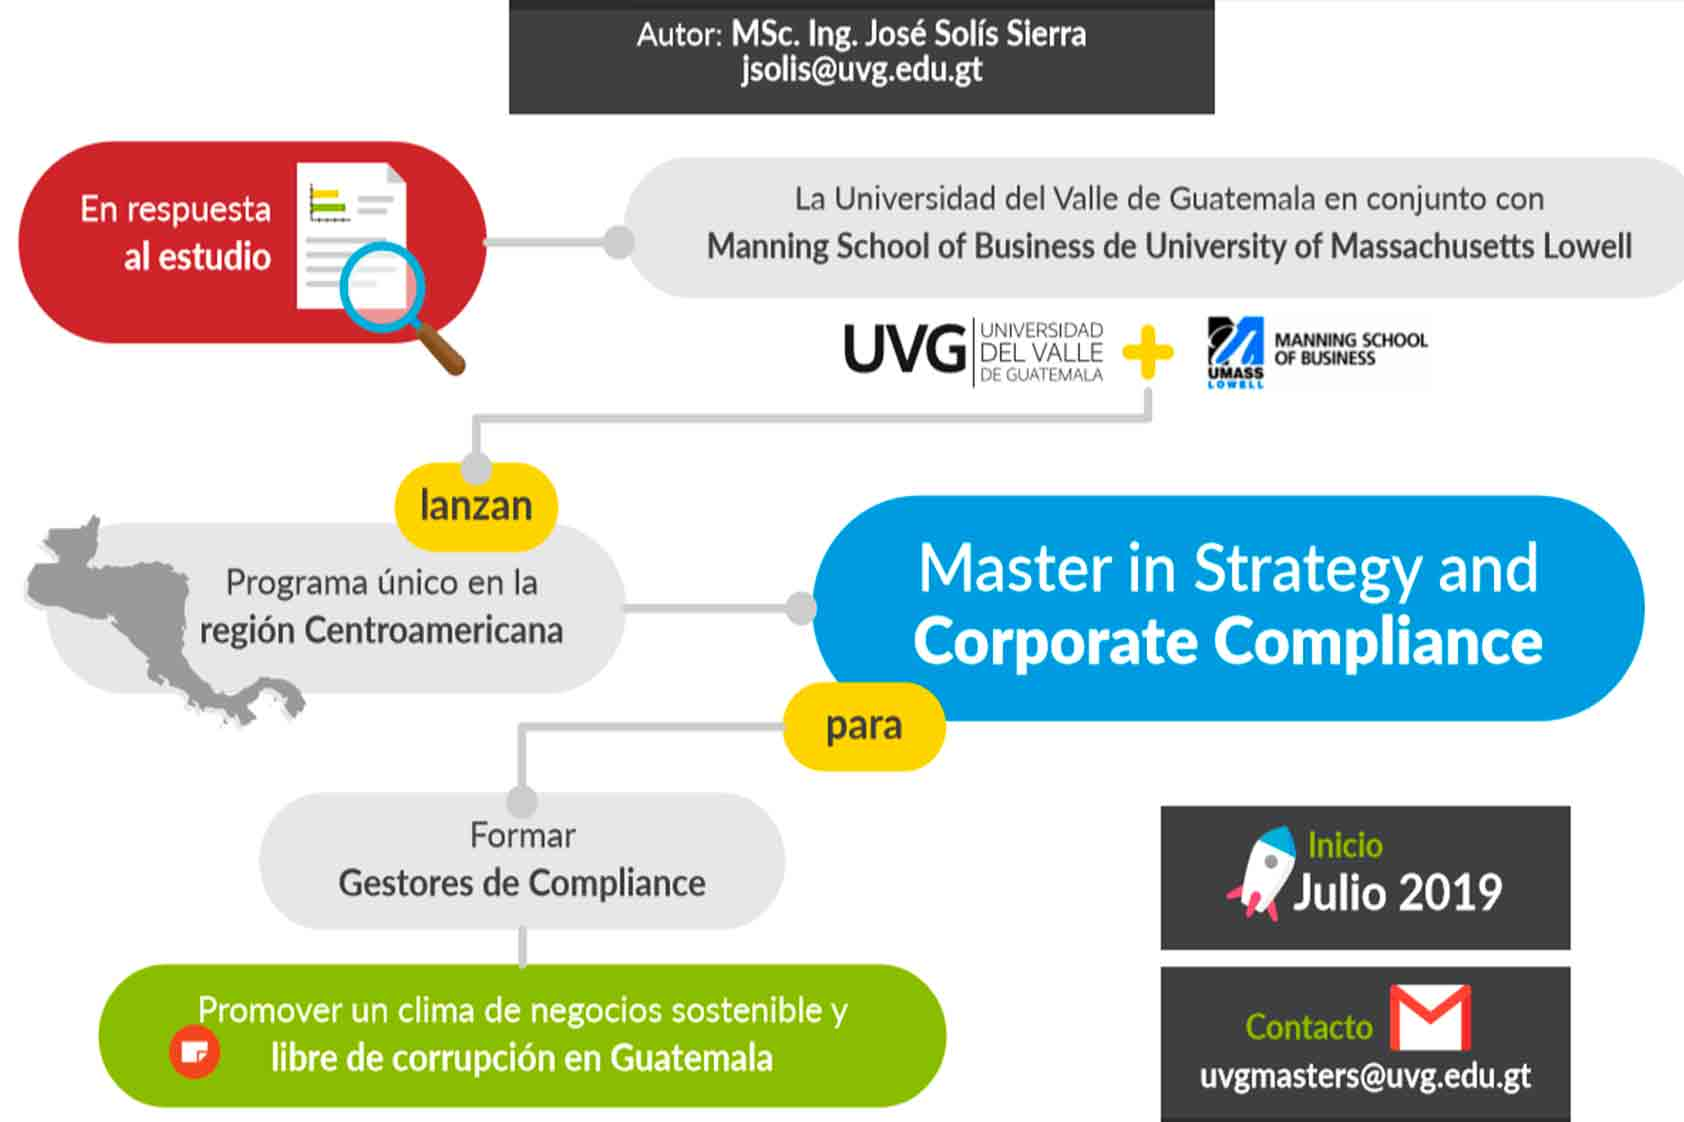 ¿La solución a la corrupción y al soborno? el nuevo Master in Strategy and Corporate Compliance